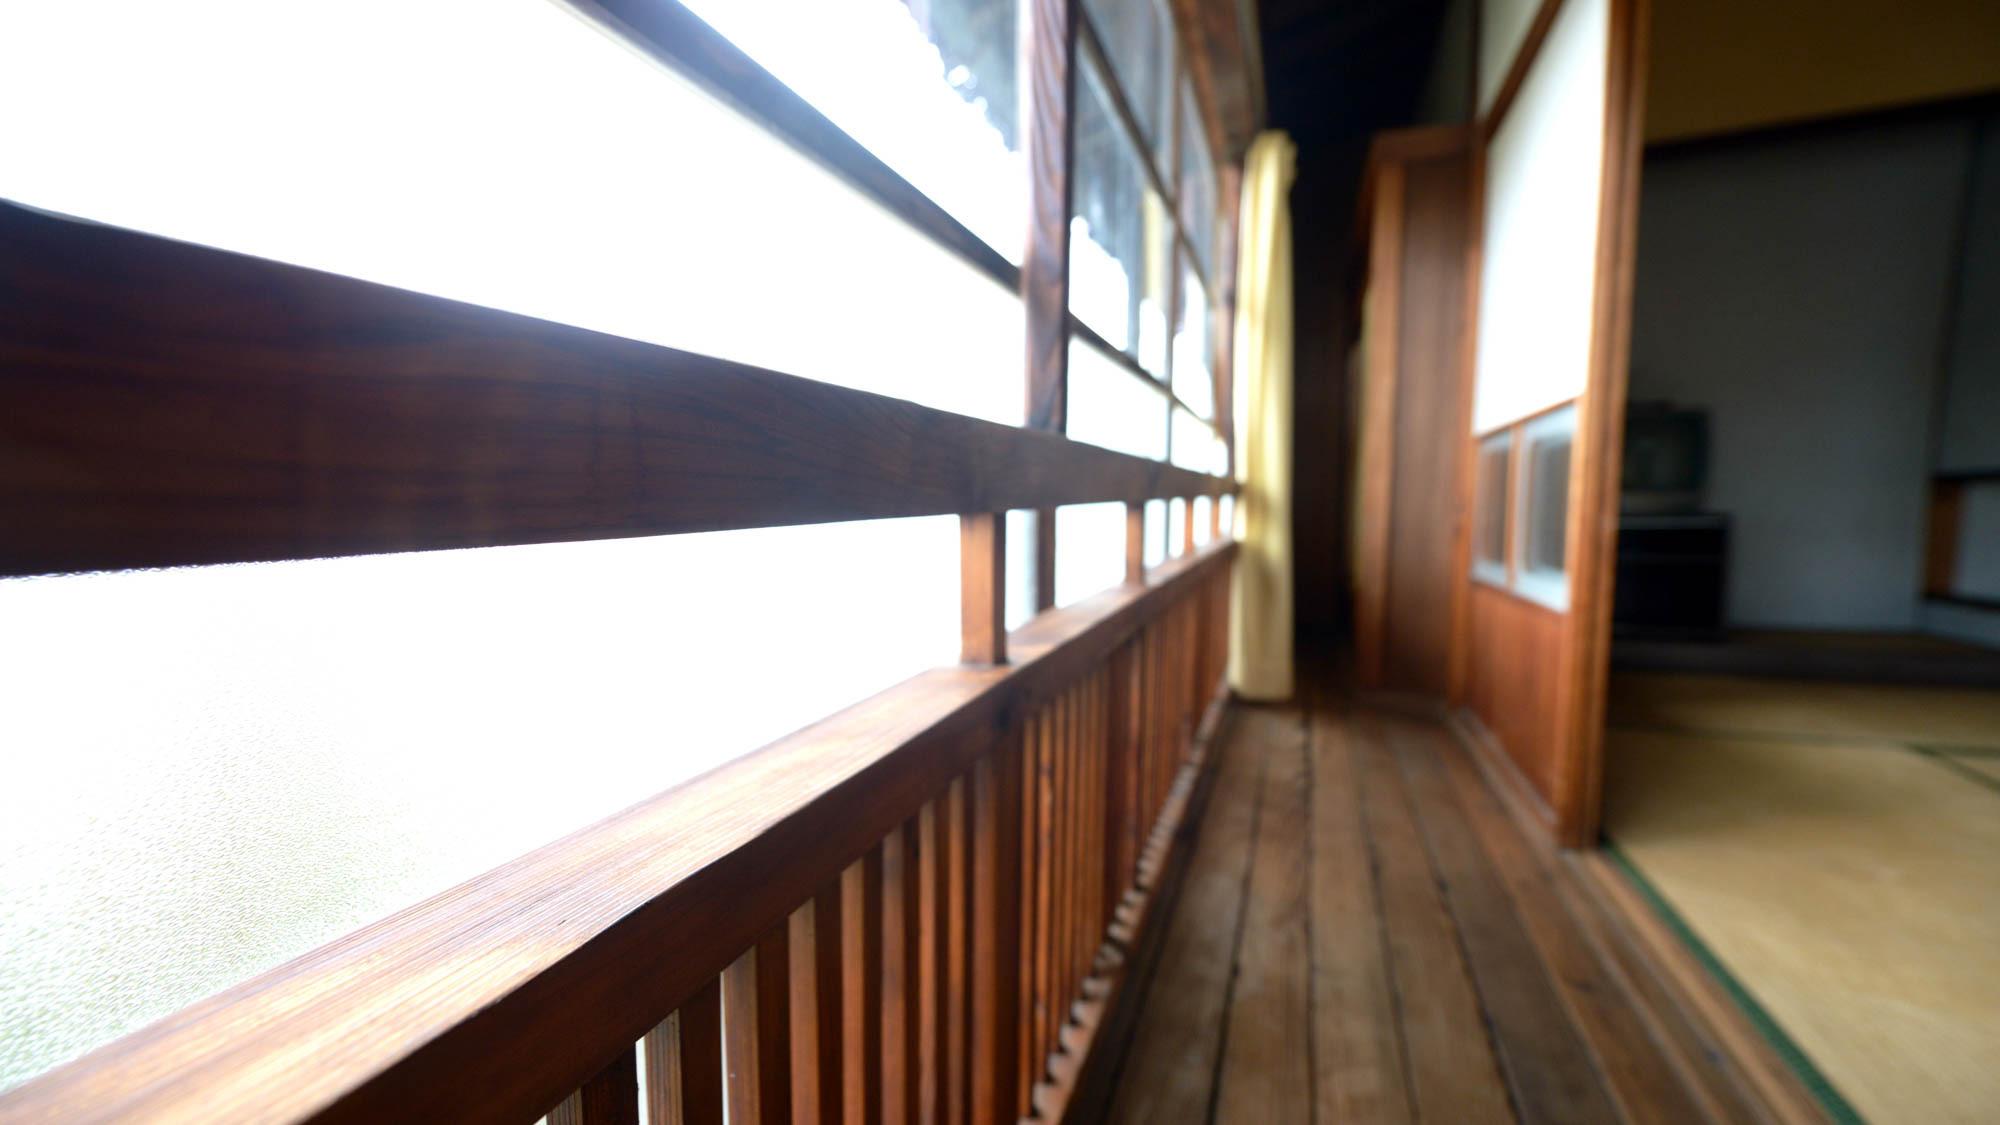 *【和室10畳】遊女や遊客もこの縁側から外の景色を眺めていたのかもしれません。室10畳縁側1